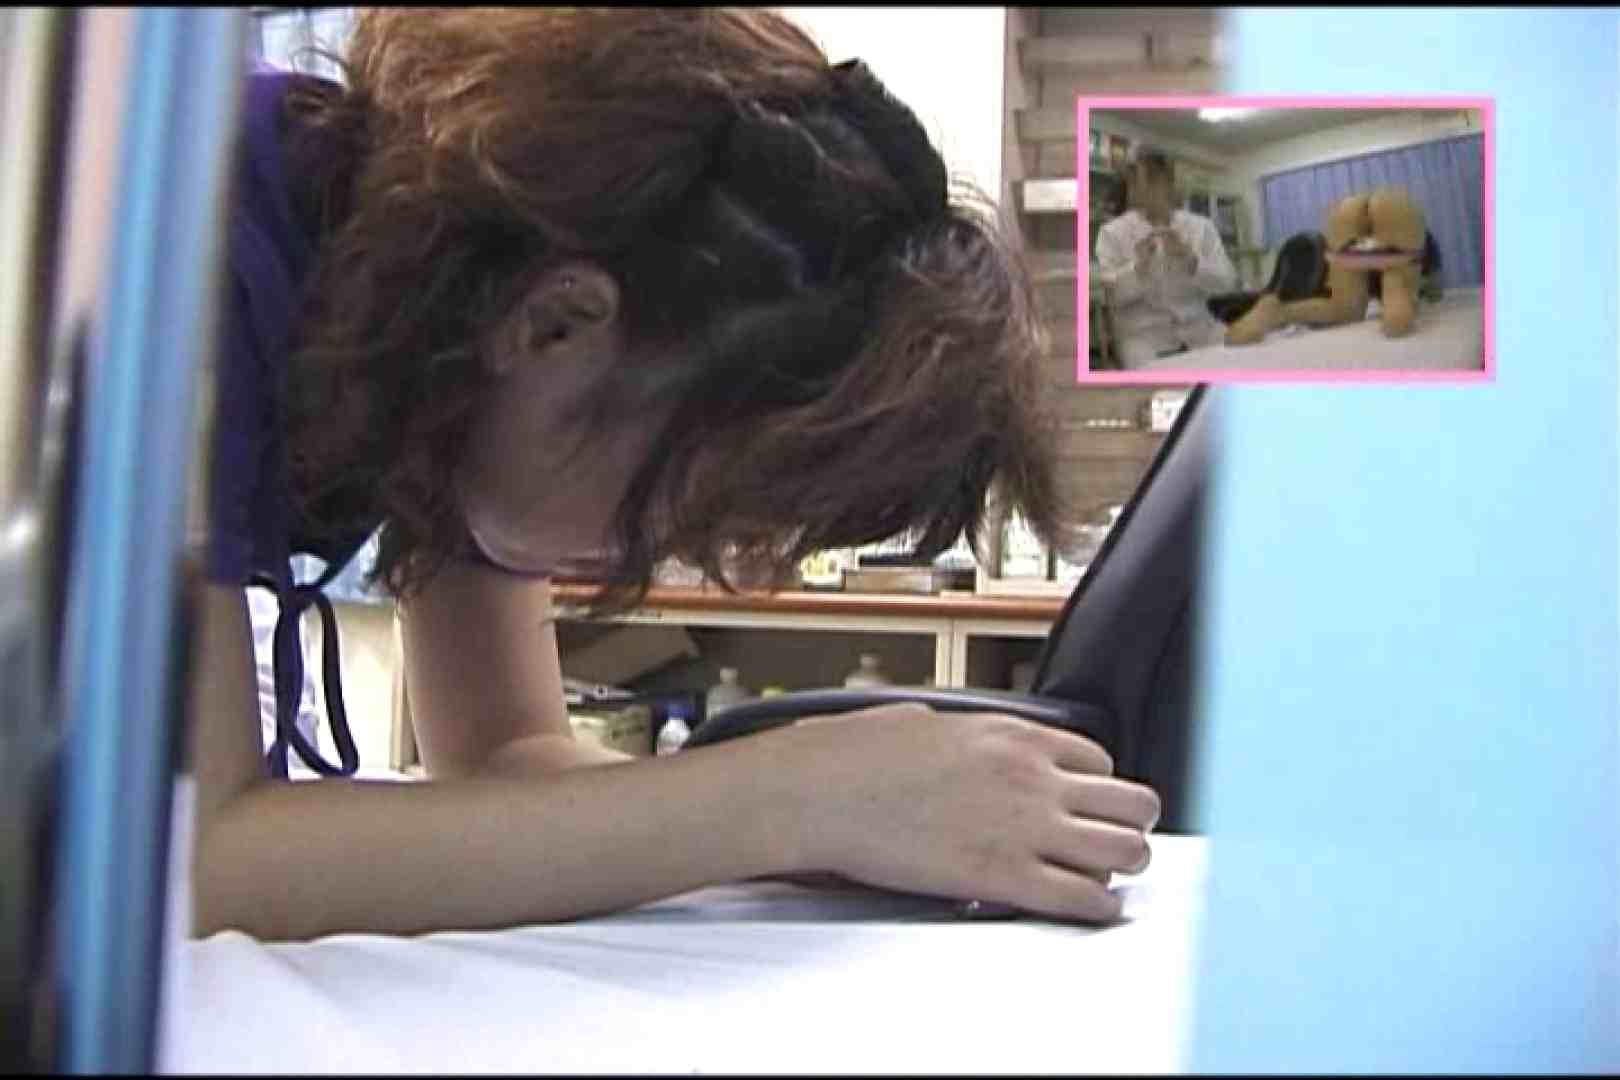 アナルに指を入れられる彼女達の事情Vol.4 アナル  95画像 72